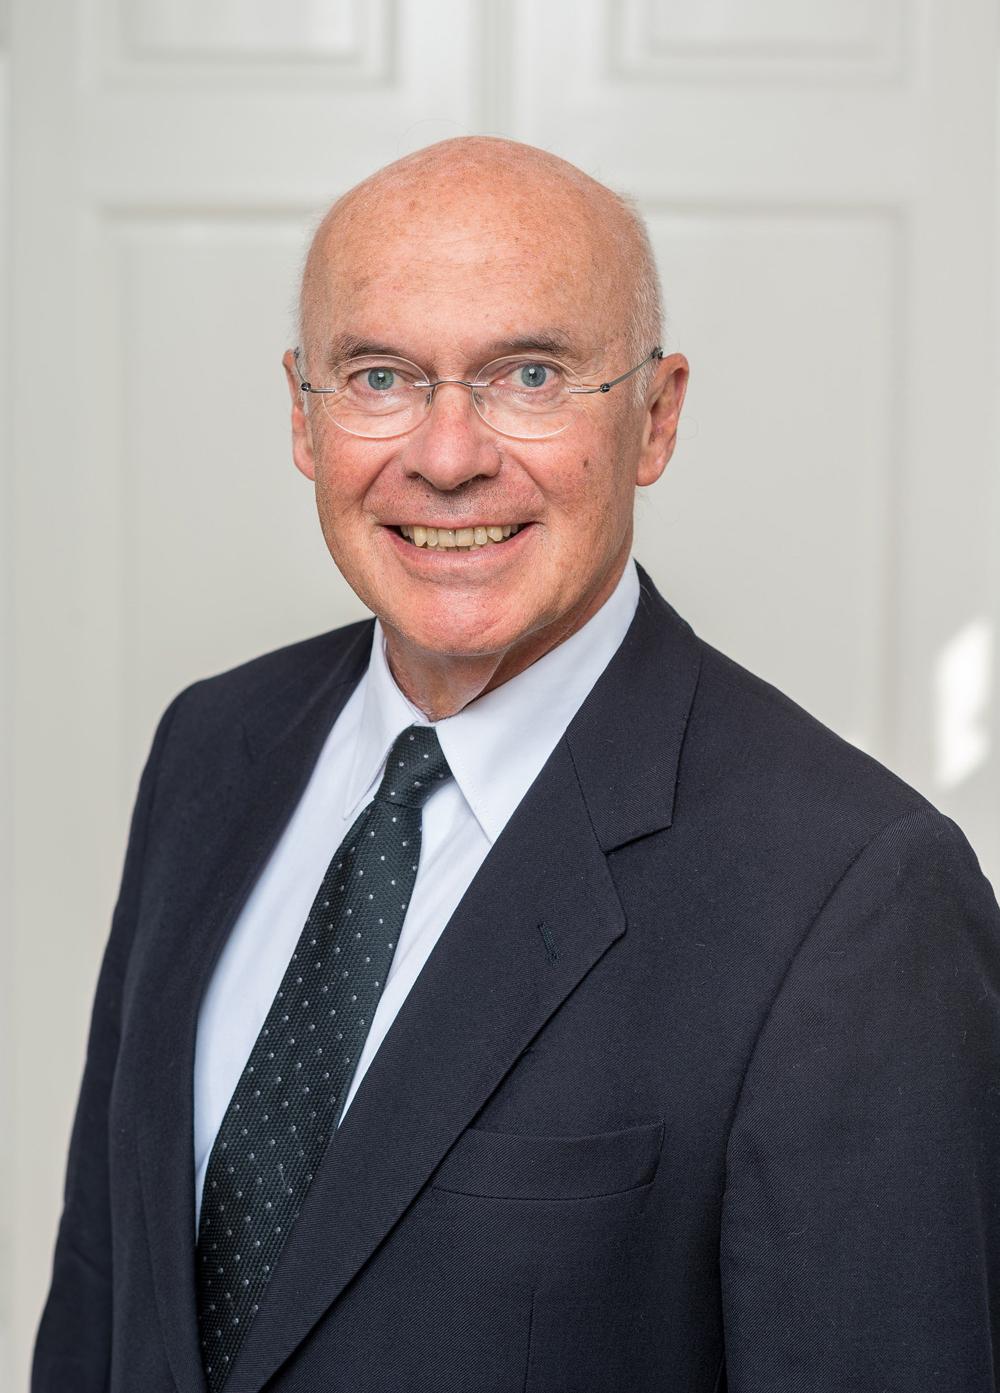 Dr. Alois Lehbauer